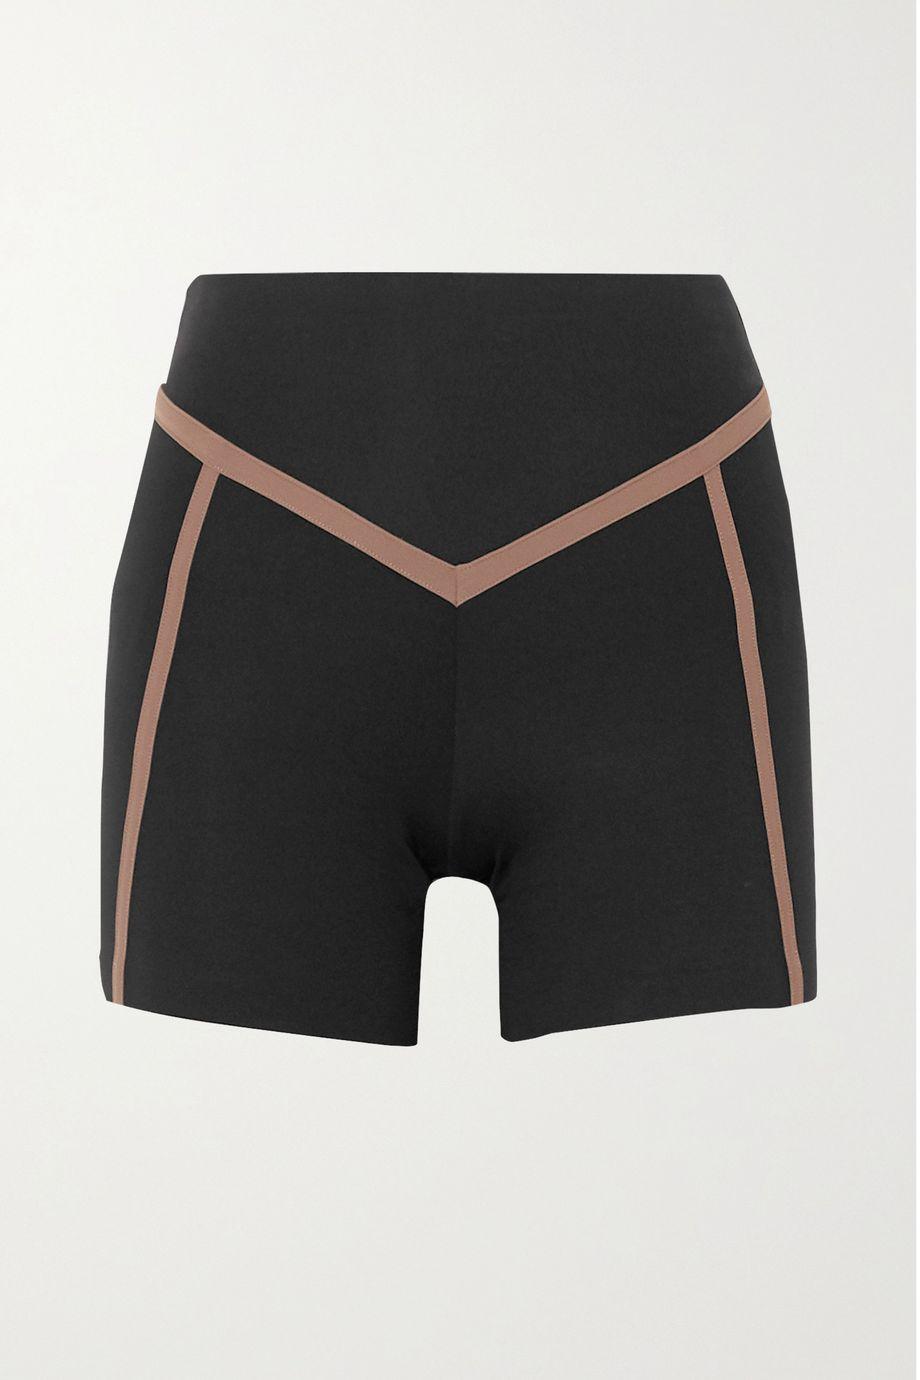 Ernest Leoty Corset paneled stretch shorts